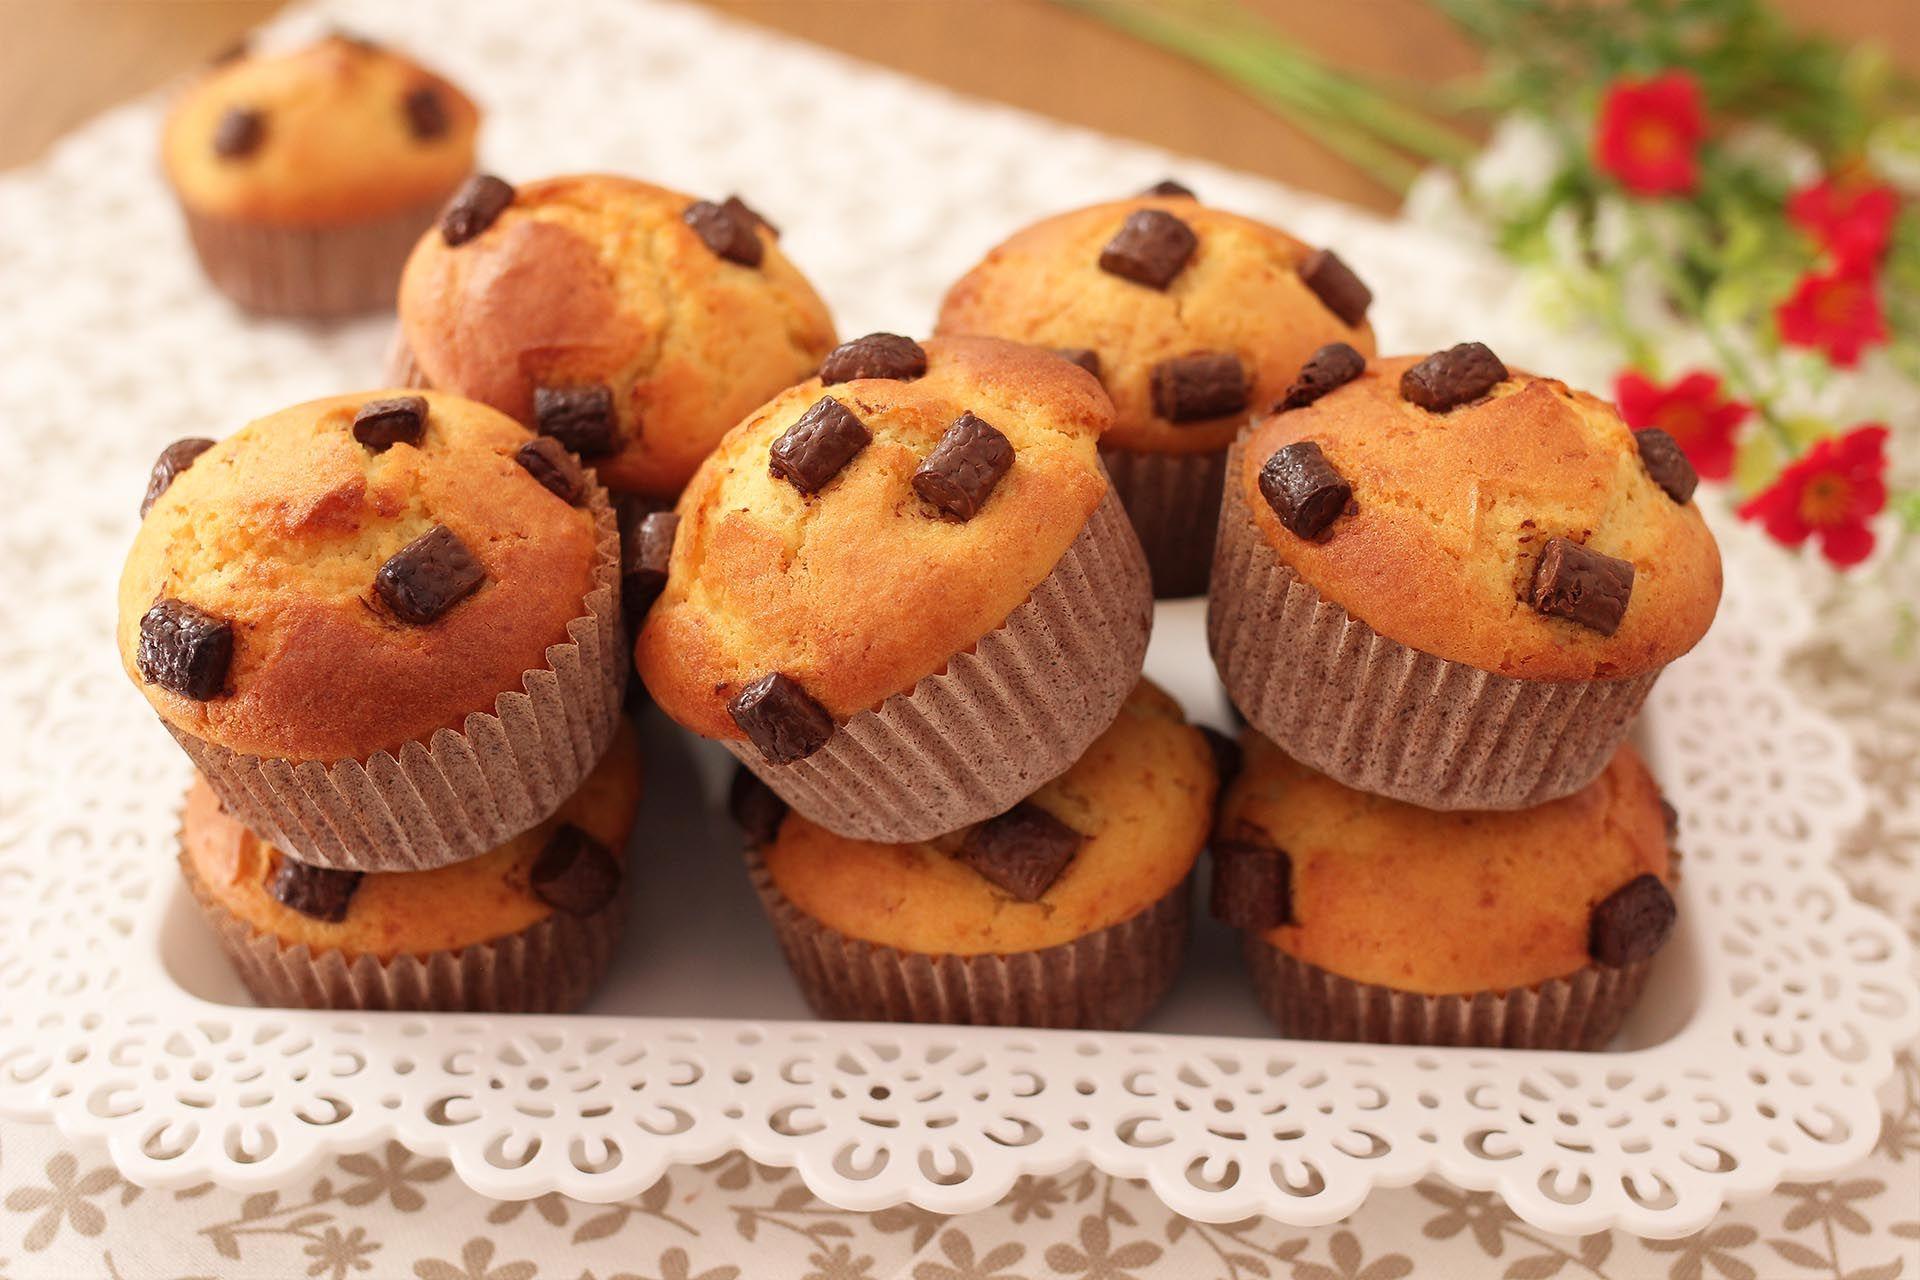 95665a1753dcca3878bb3cddc0fccd1d - Ricette Muffin Yogurt